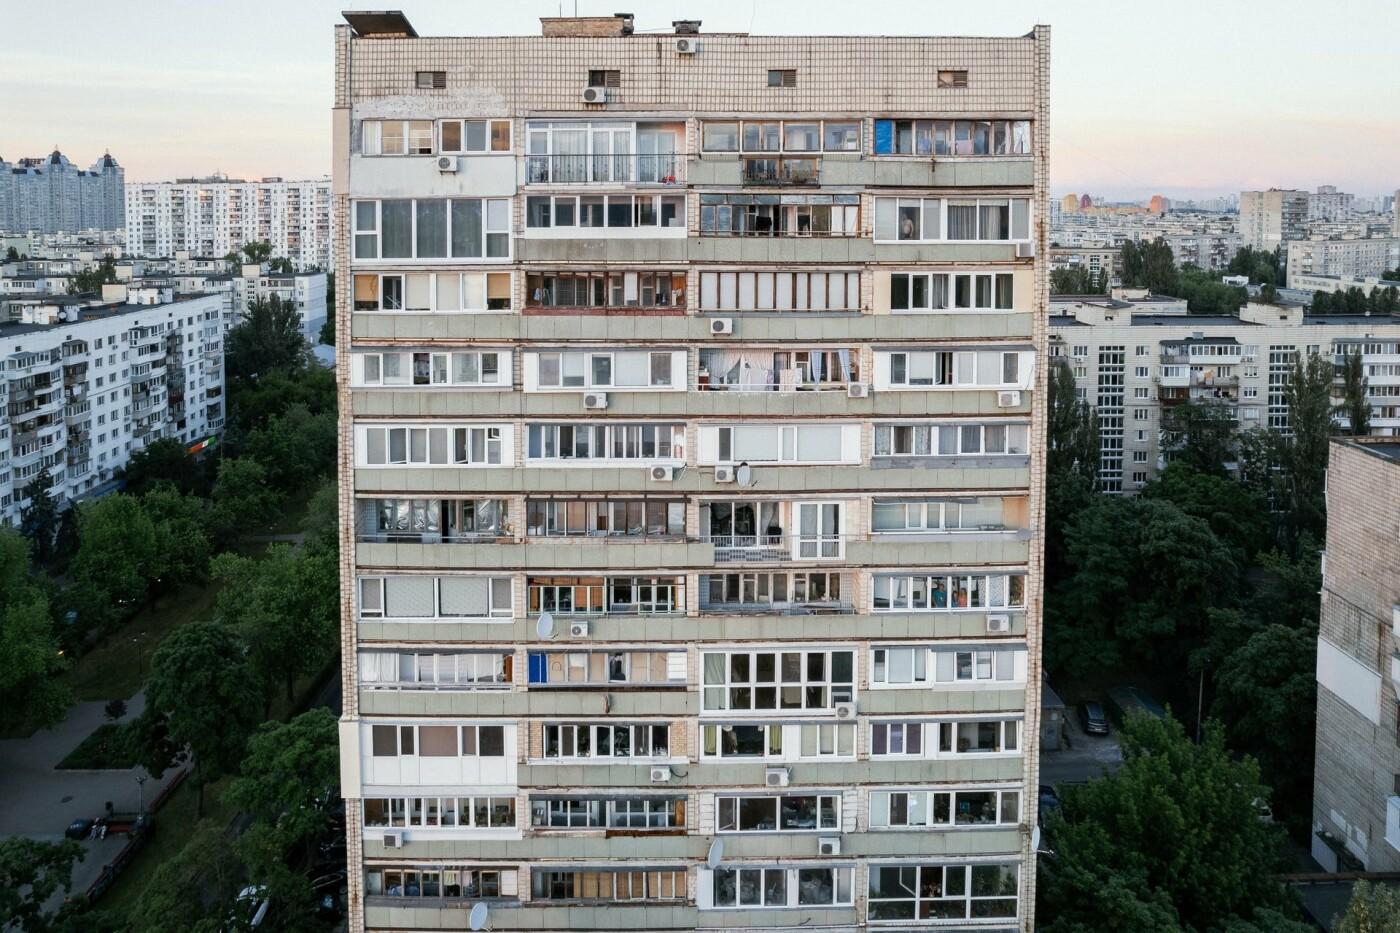 Аренда квартиры в Киеве, Фото: Viktor Bystrov